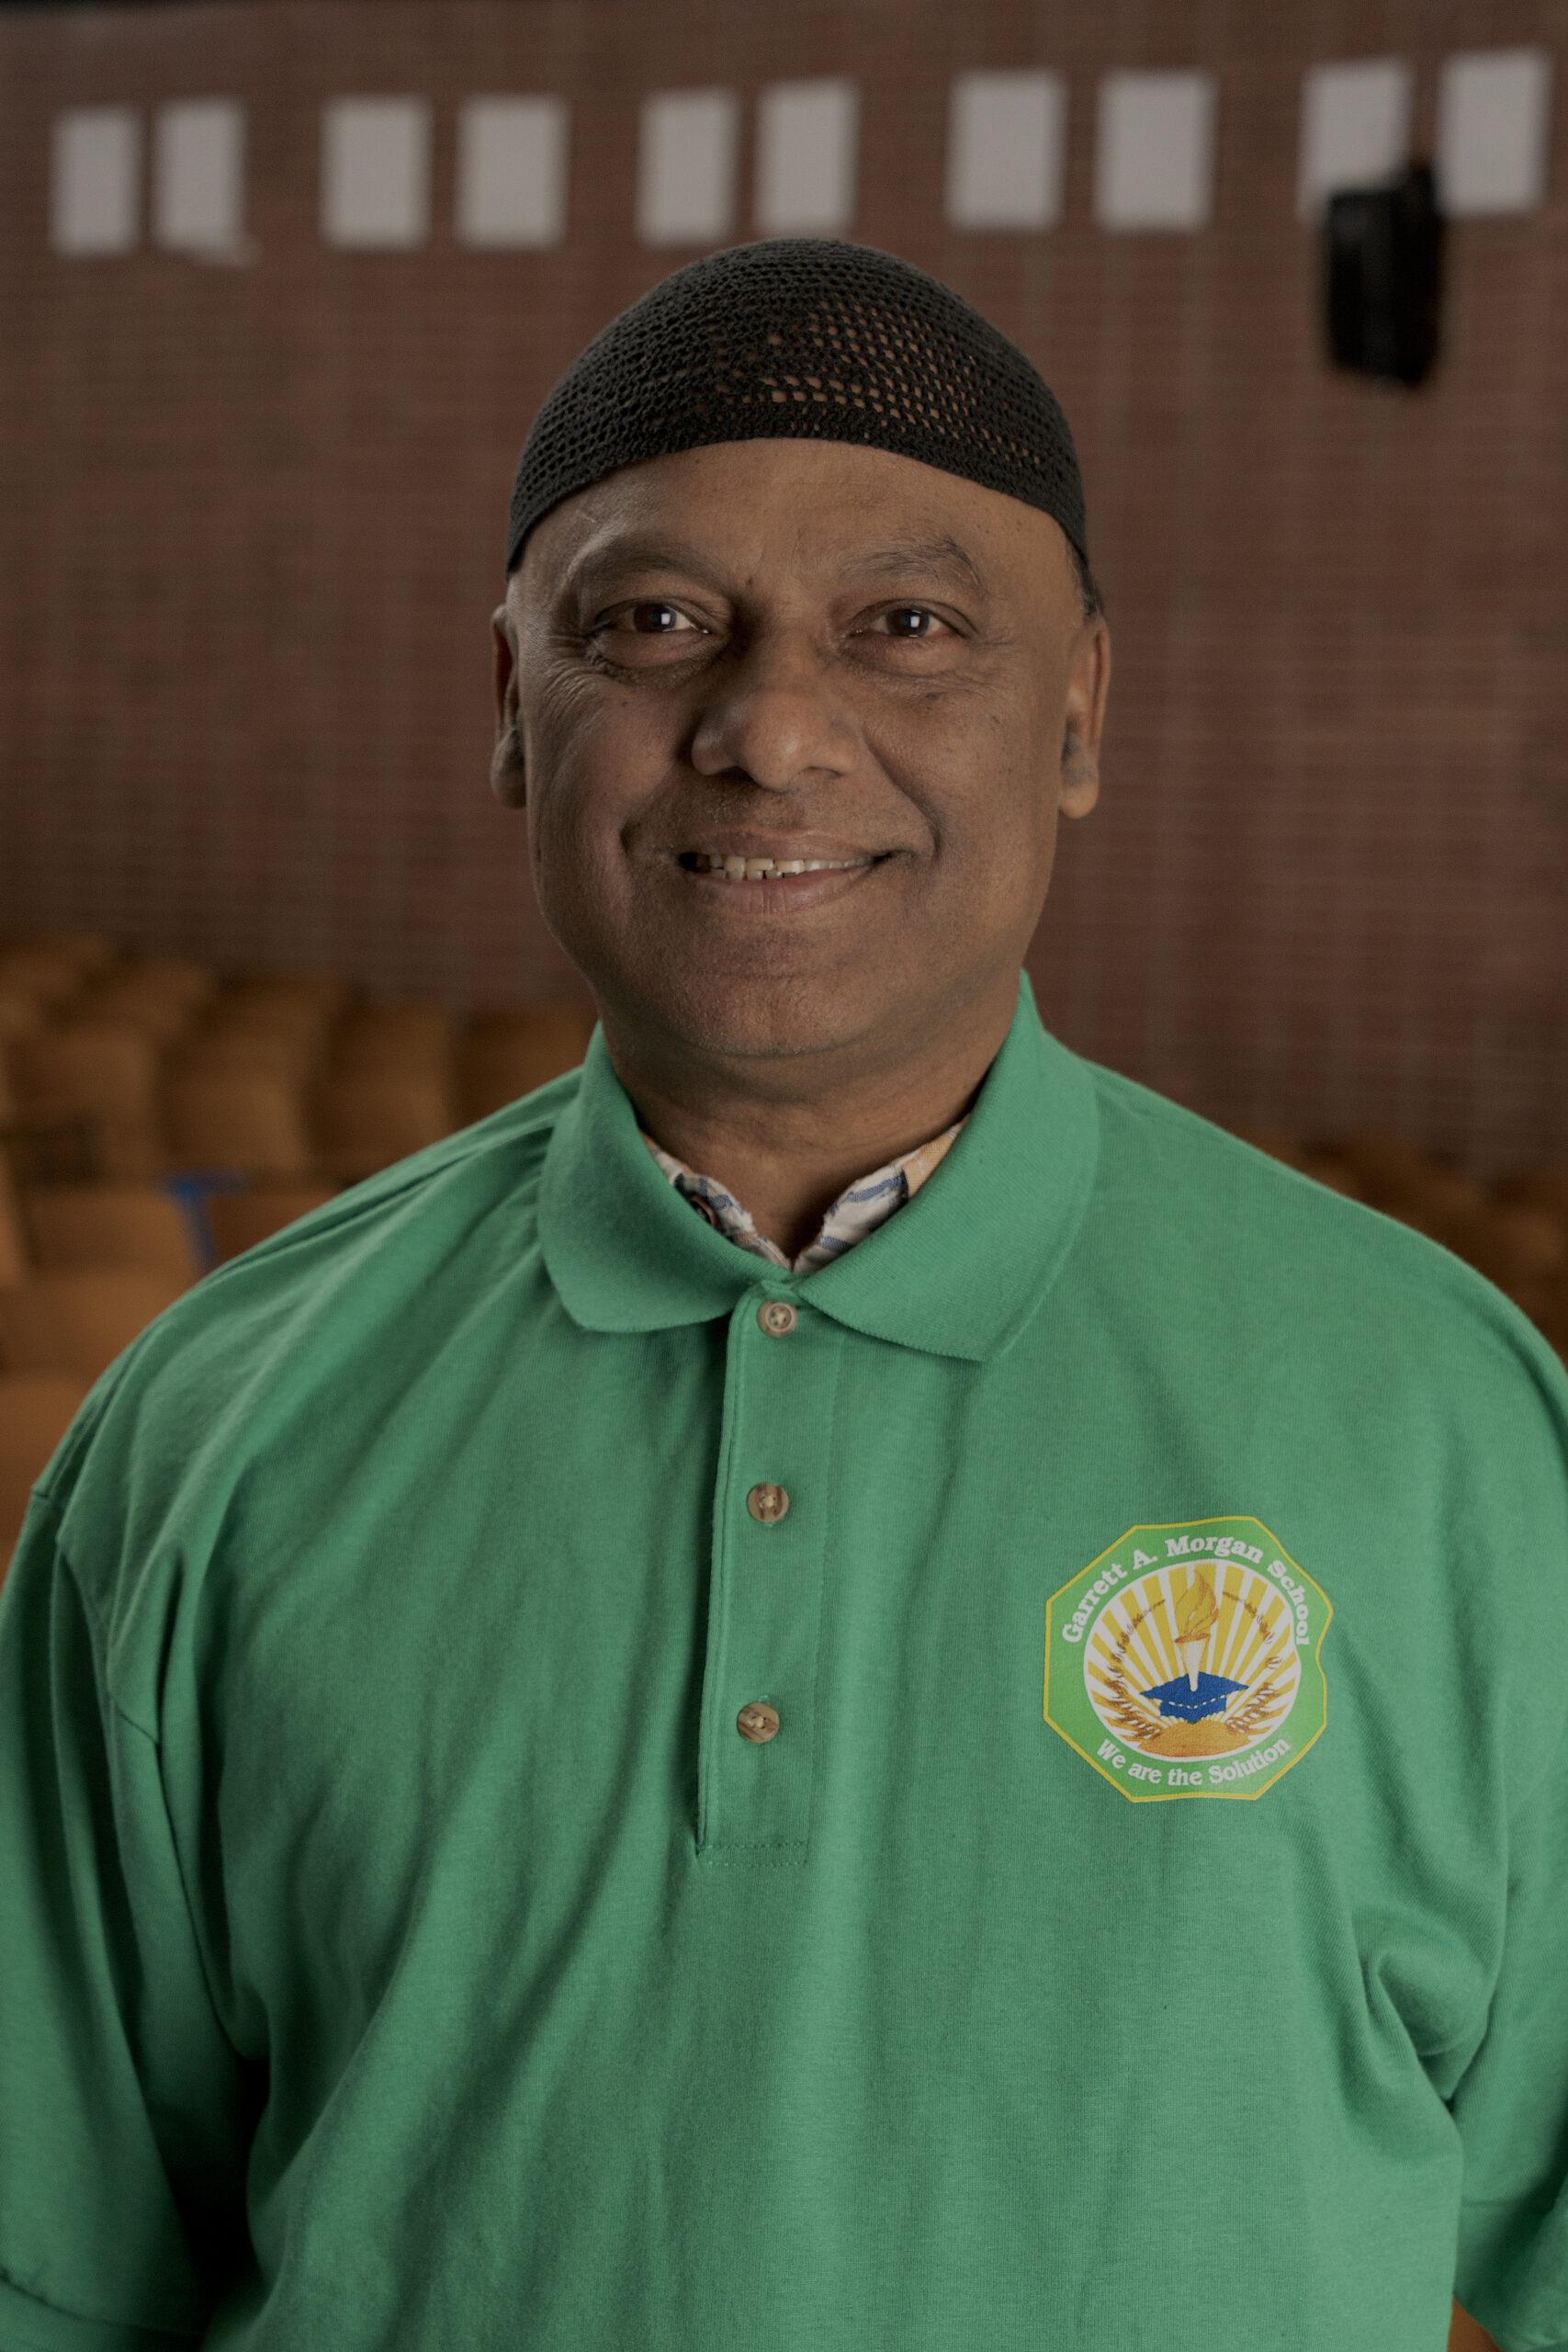 M. Hossain